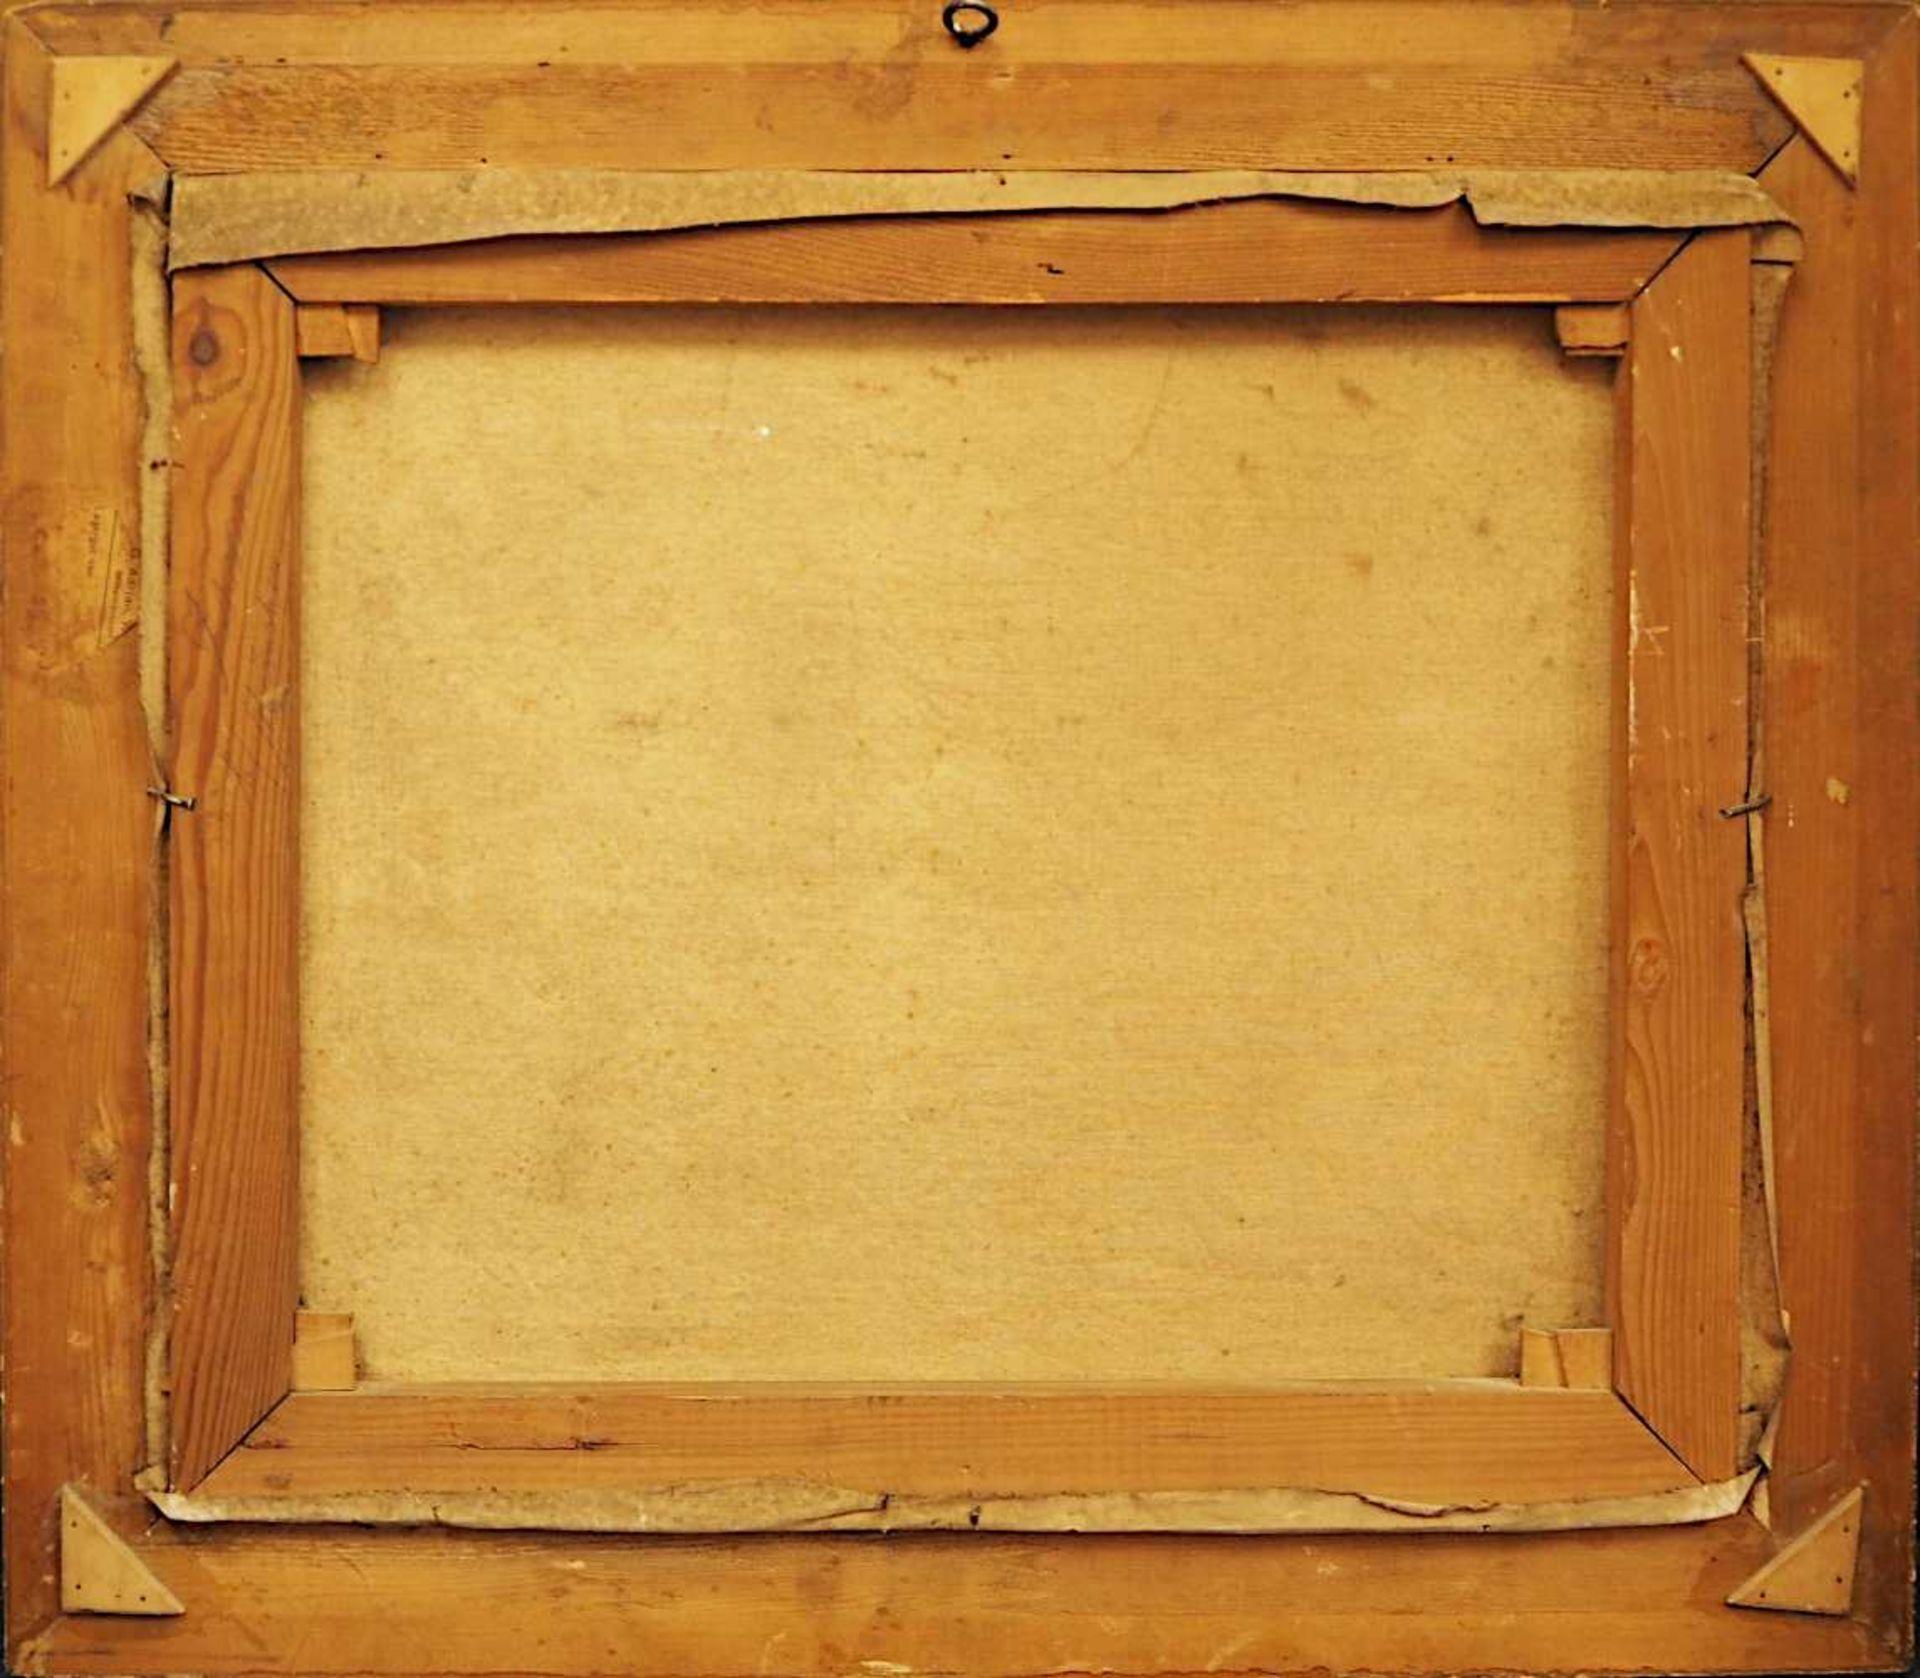 """1 Ölgemälde """"Herbstliche Flussbiegung"""" R.u. sign. Wolf BLOEM (wohl 1896-1971) dat. 1 - Bild 4 aus 4"""